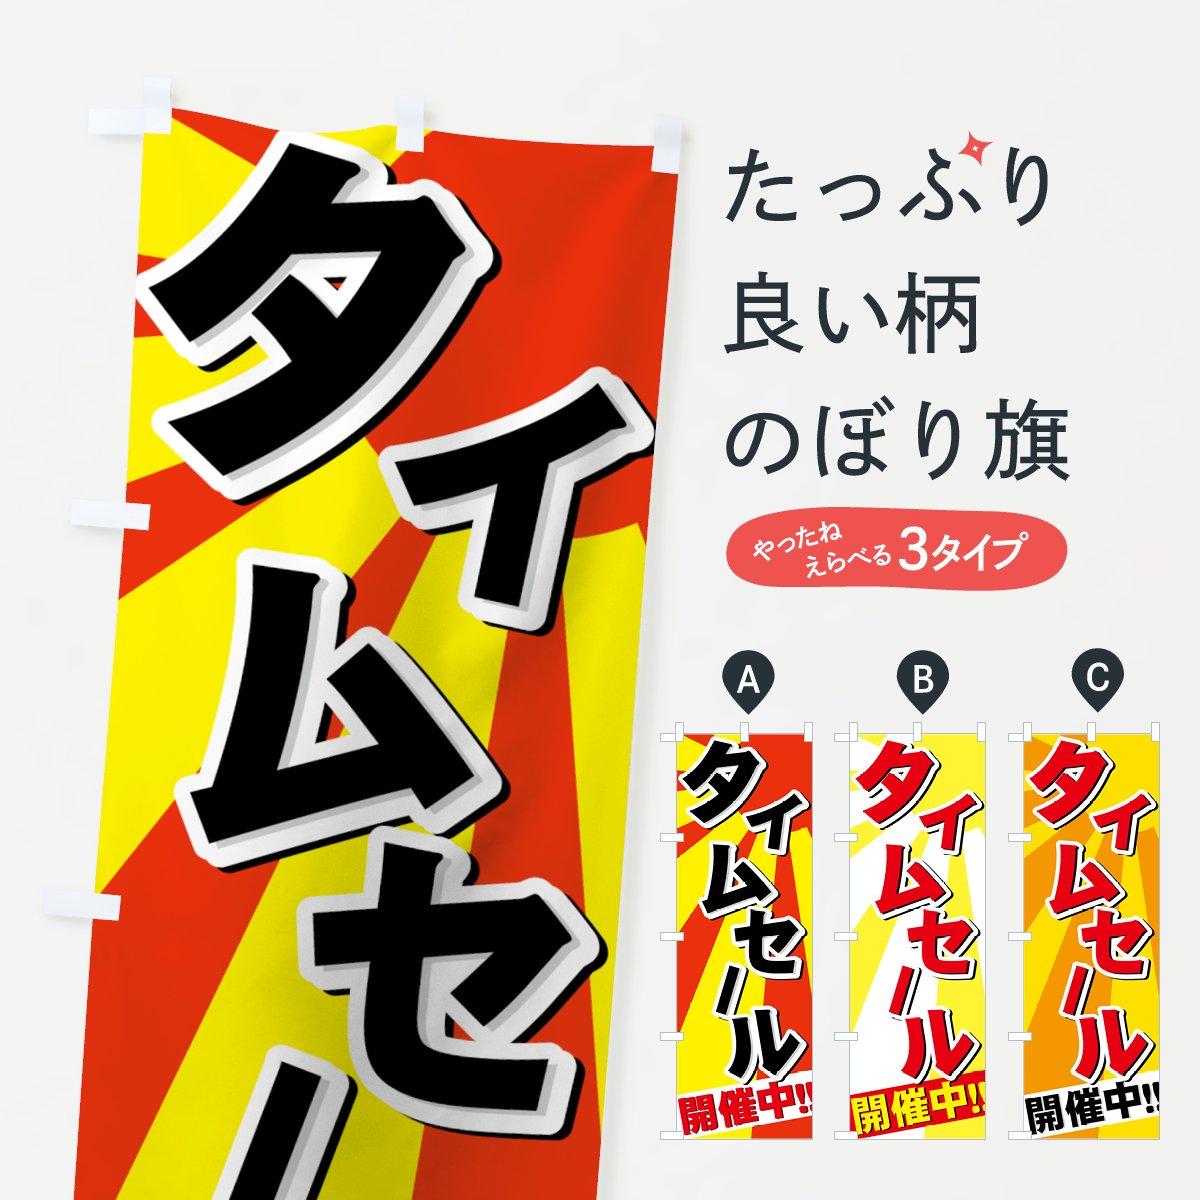 タイムセールのぼり旗【セール・フェア・祭】[セール*][○○セール]